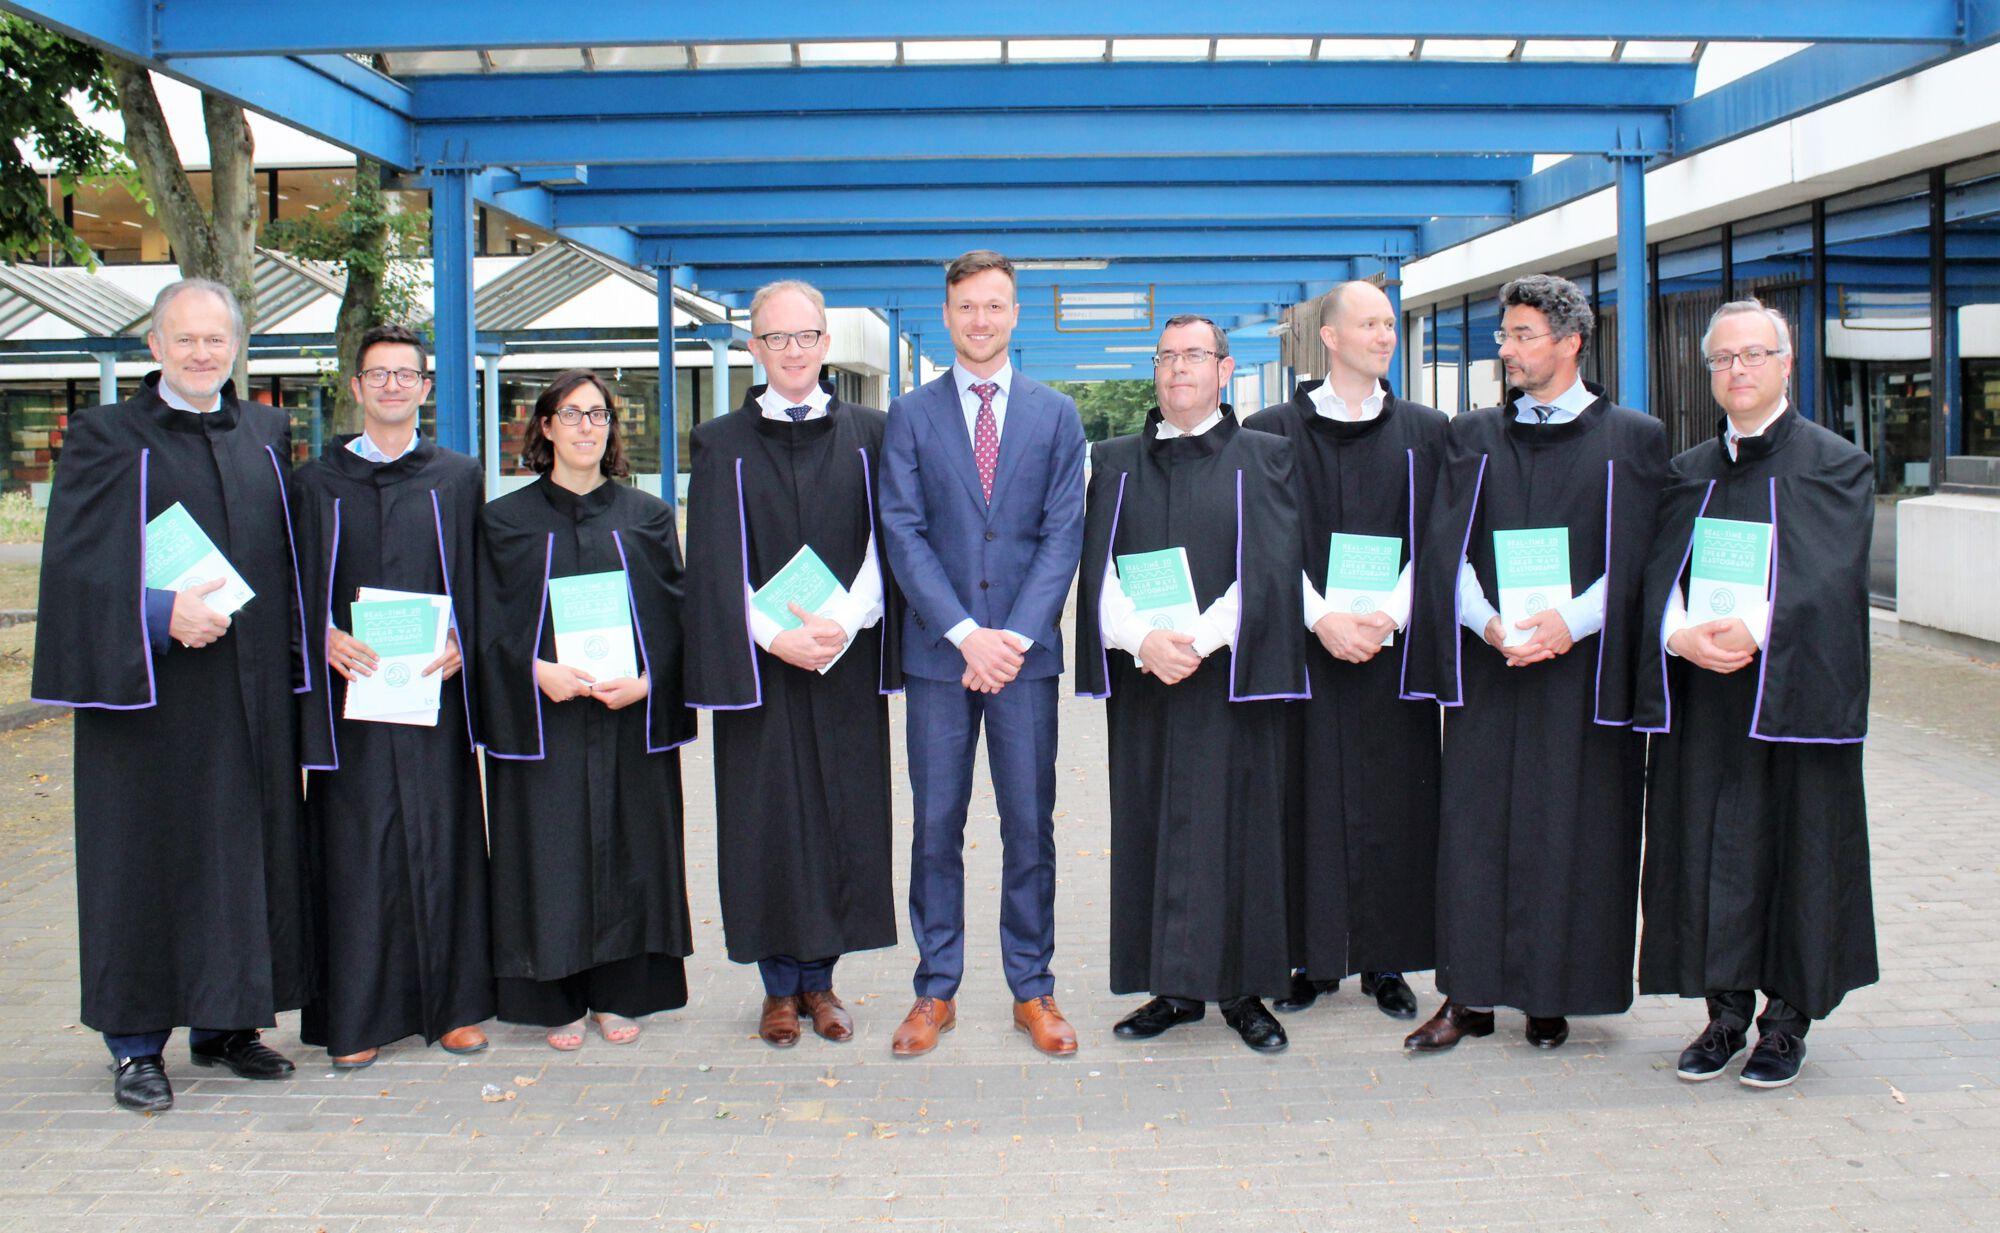 Doctoraatsverdediging Wim Verlinden - 27 juni 2017